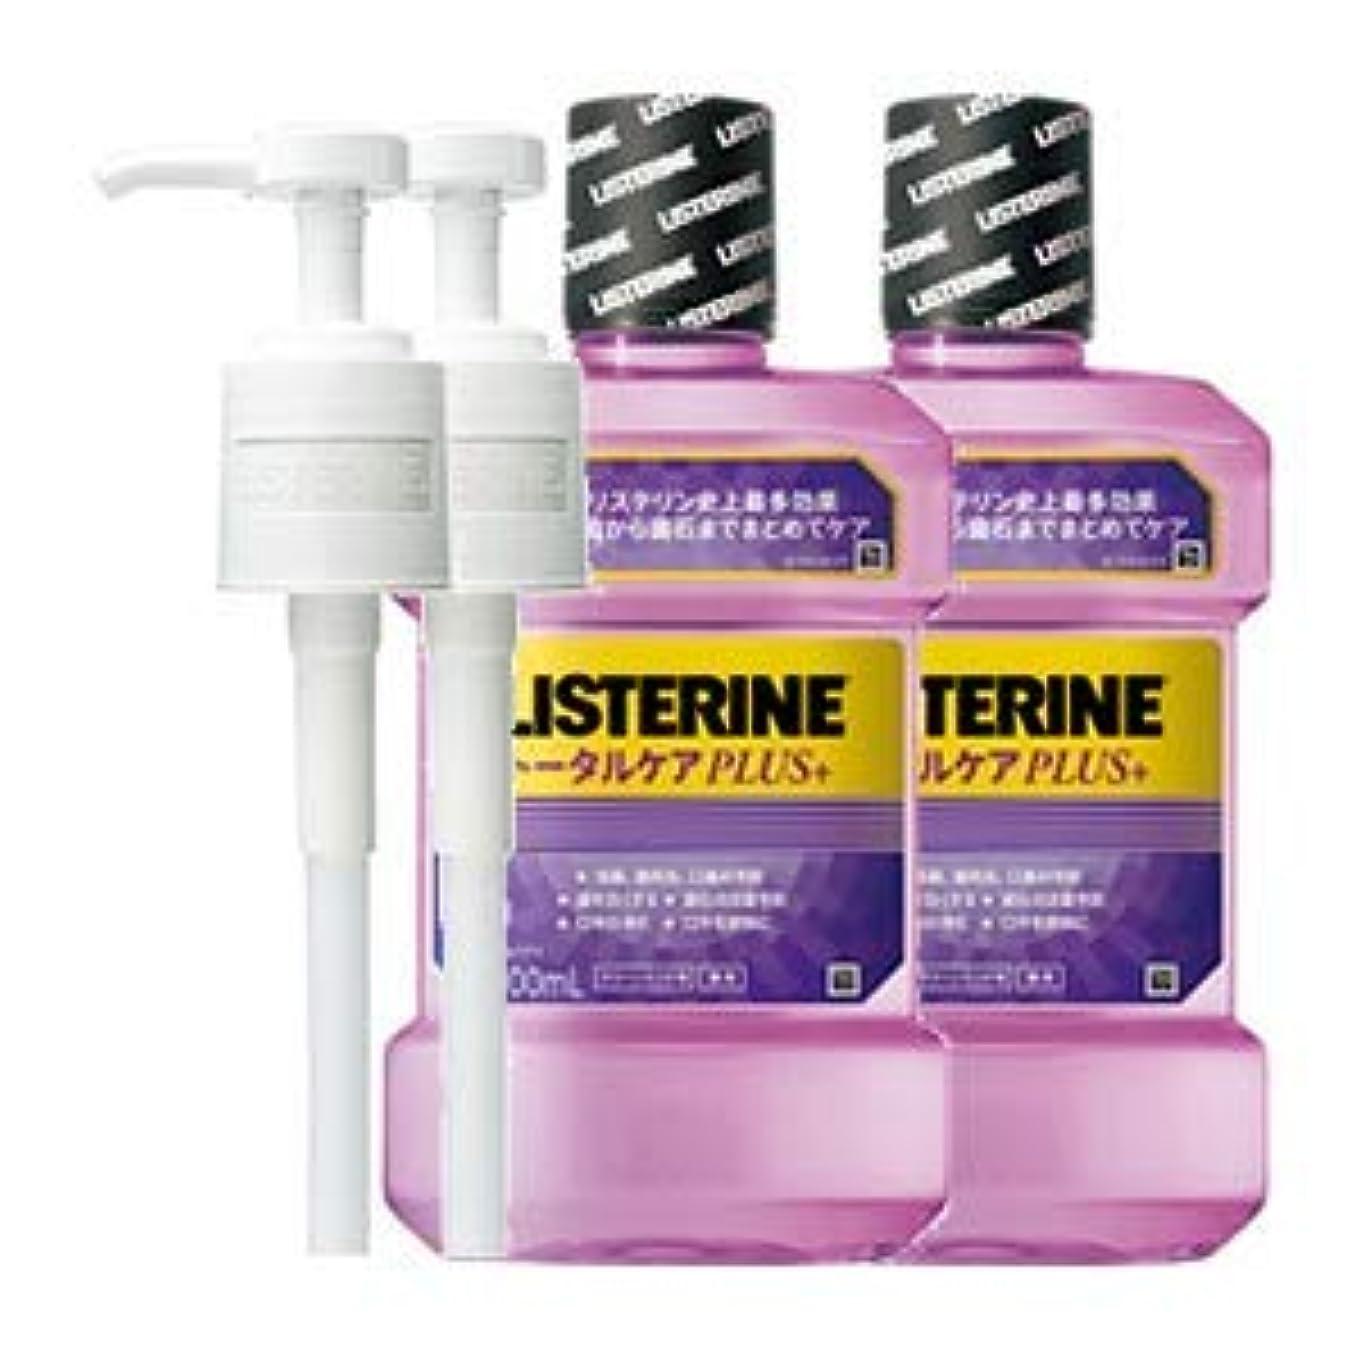 ロイヤリティむしゃむしゃミニチュア薬用リステリン トータルケアプラス (液体歯磨) 1000mL 2点セット (ポンプ付)